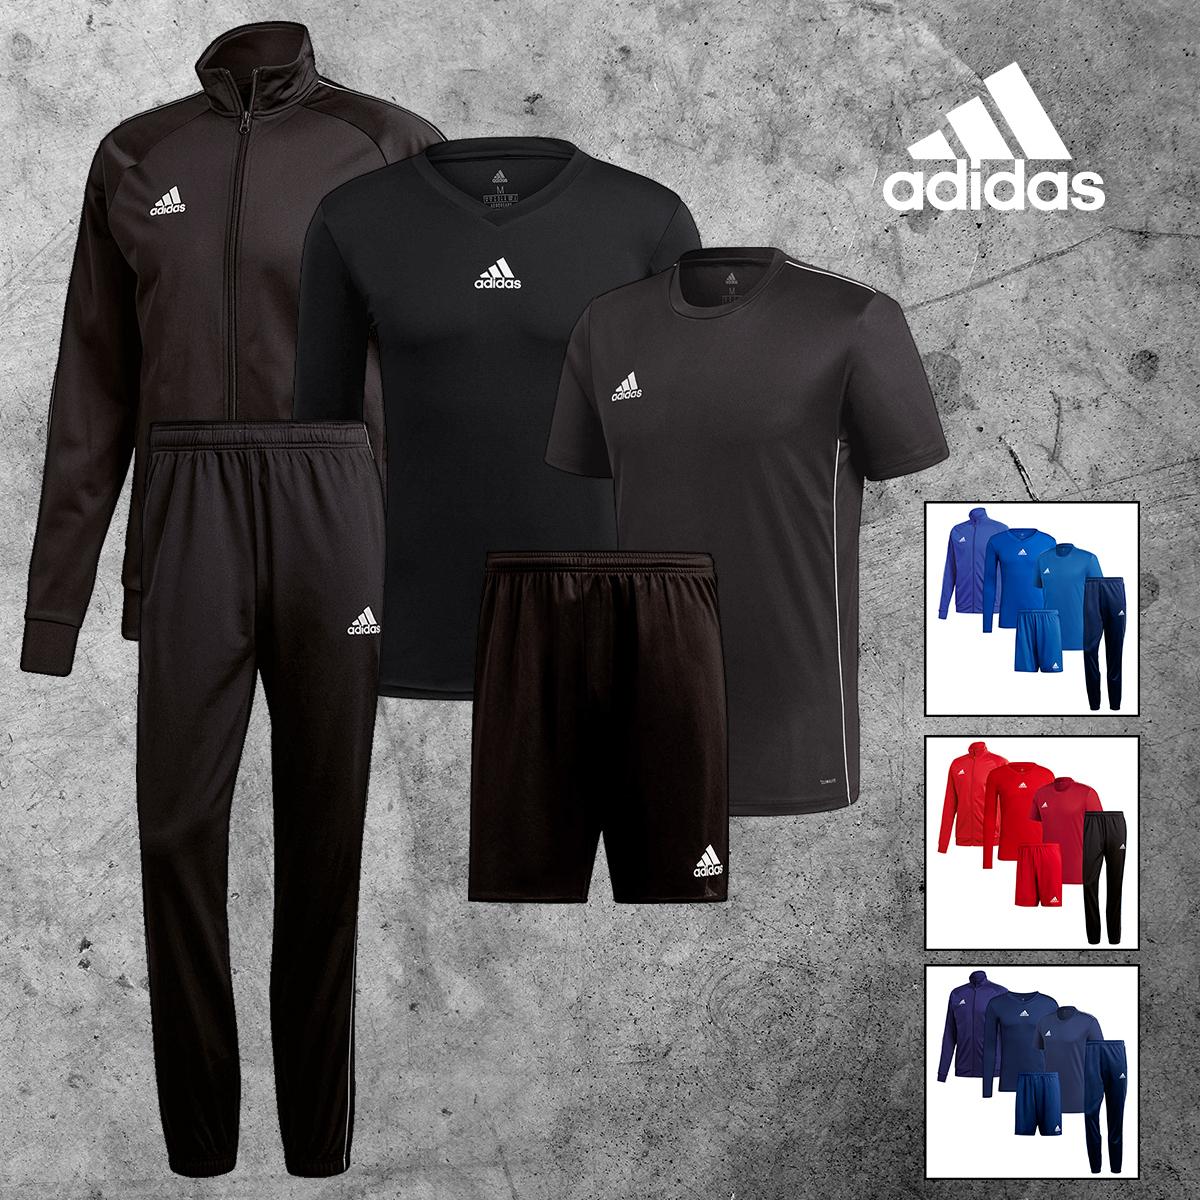 adidas Trainingsset 5-teilig in verschiedenen Farben